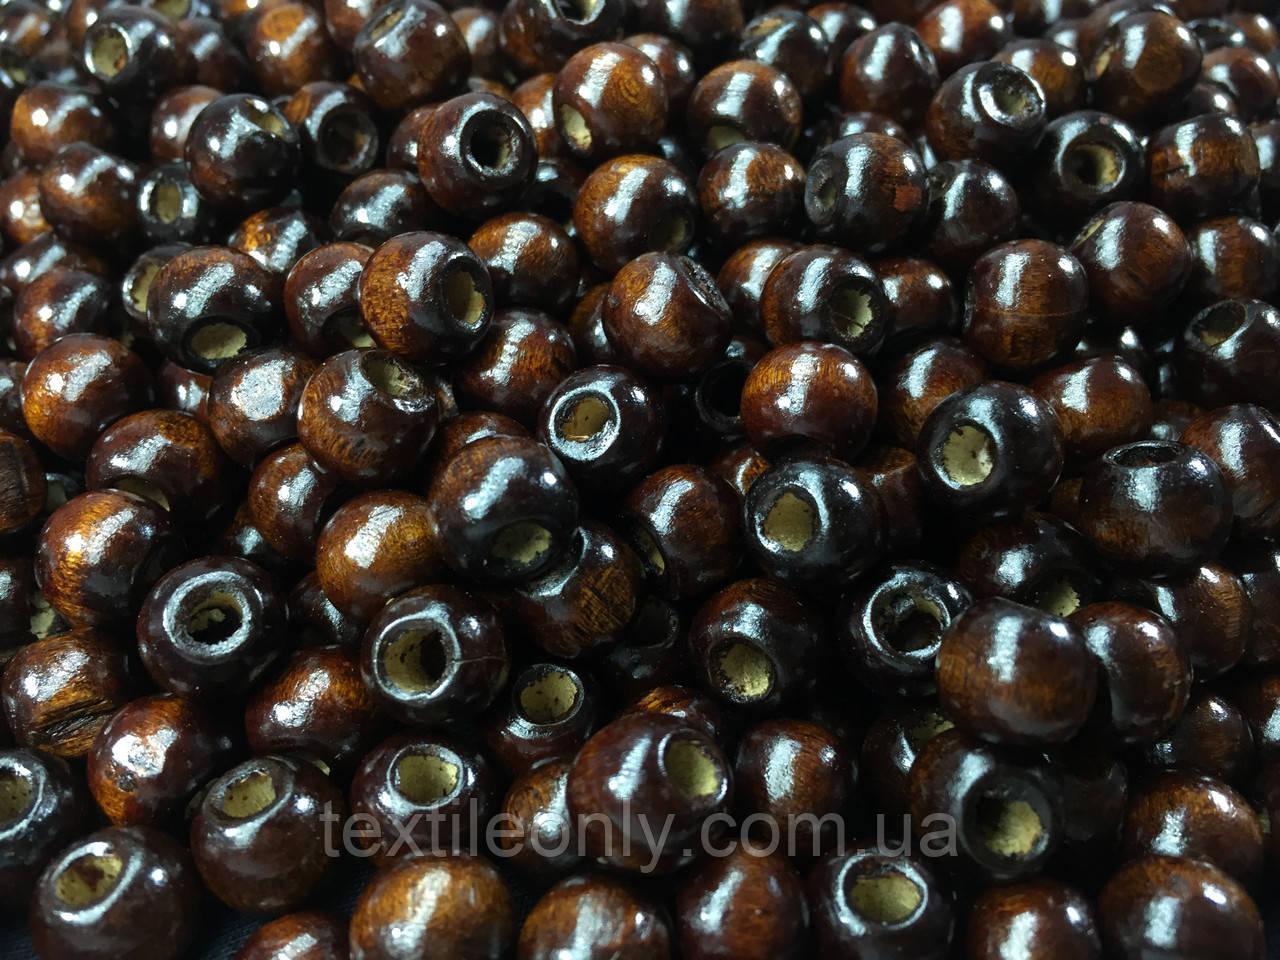 Деревянные бусины темно коричневые упаковка 1 кг